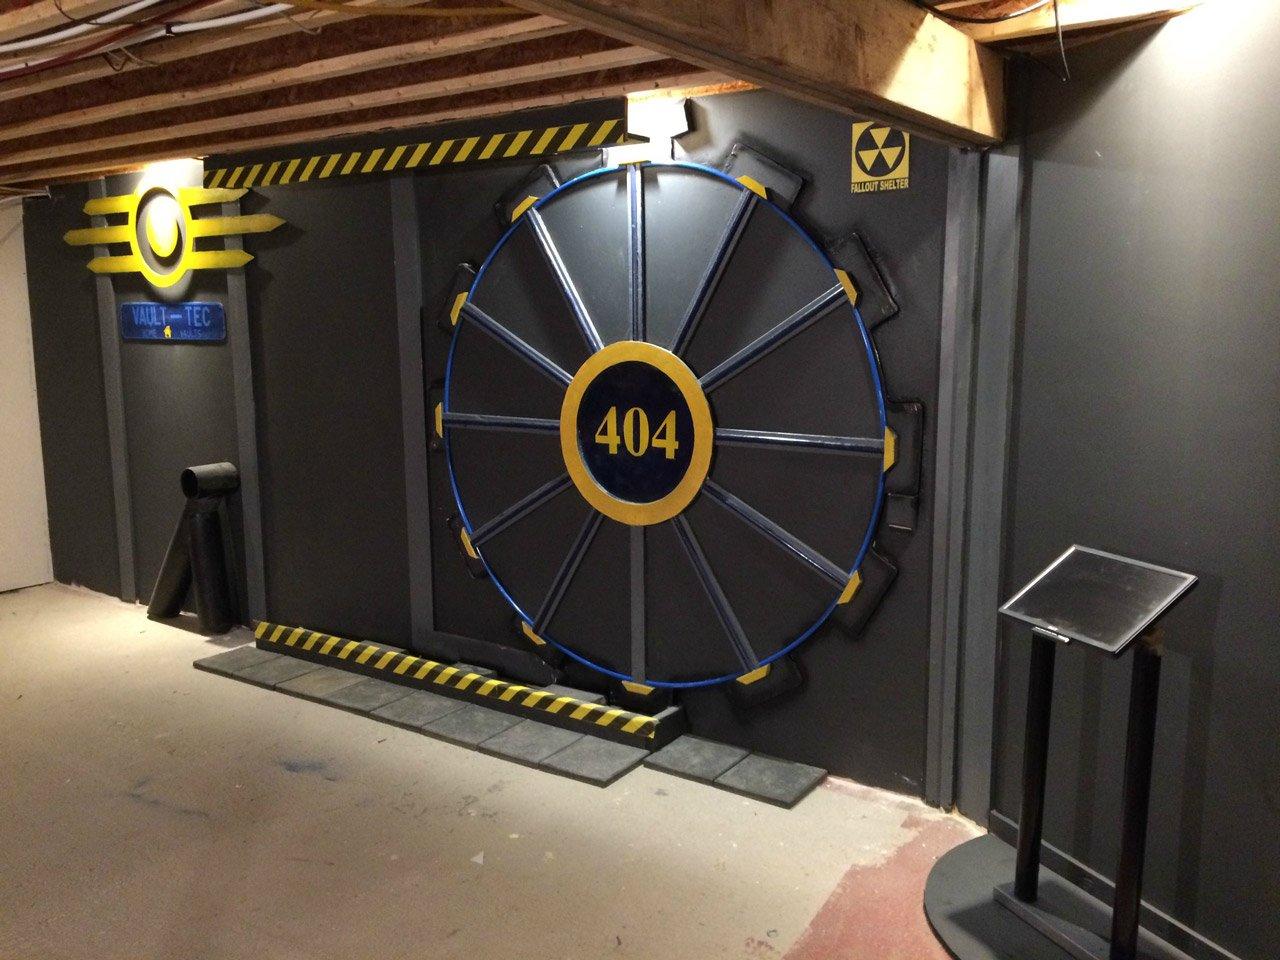 Fan-construye-la-b%C3%B3veda-404-en-su-c